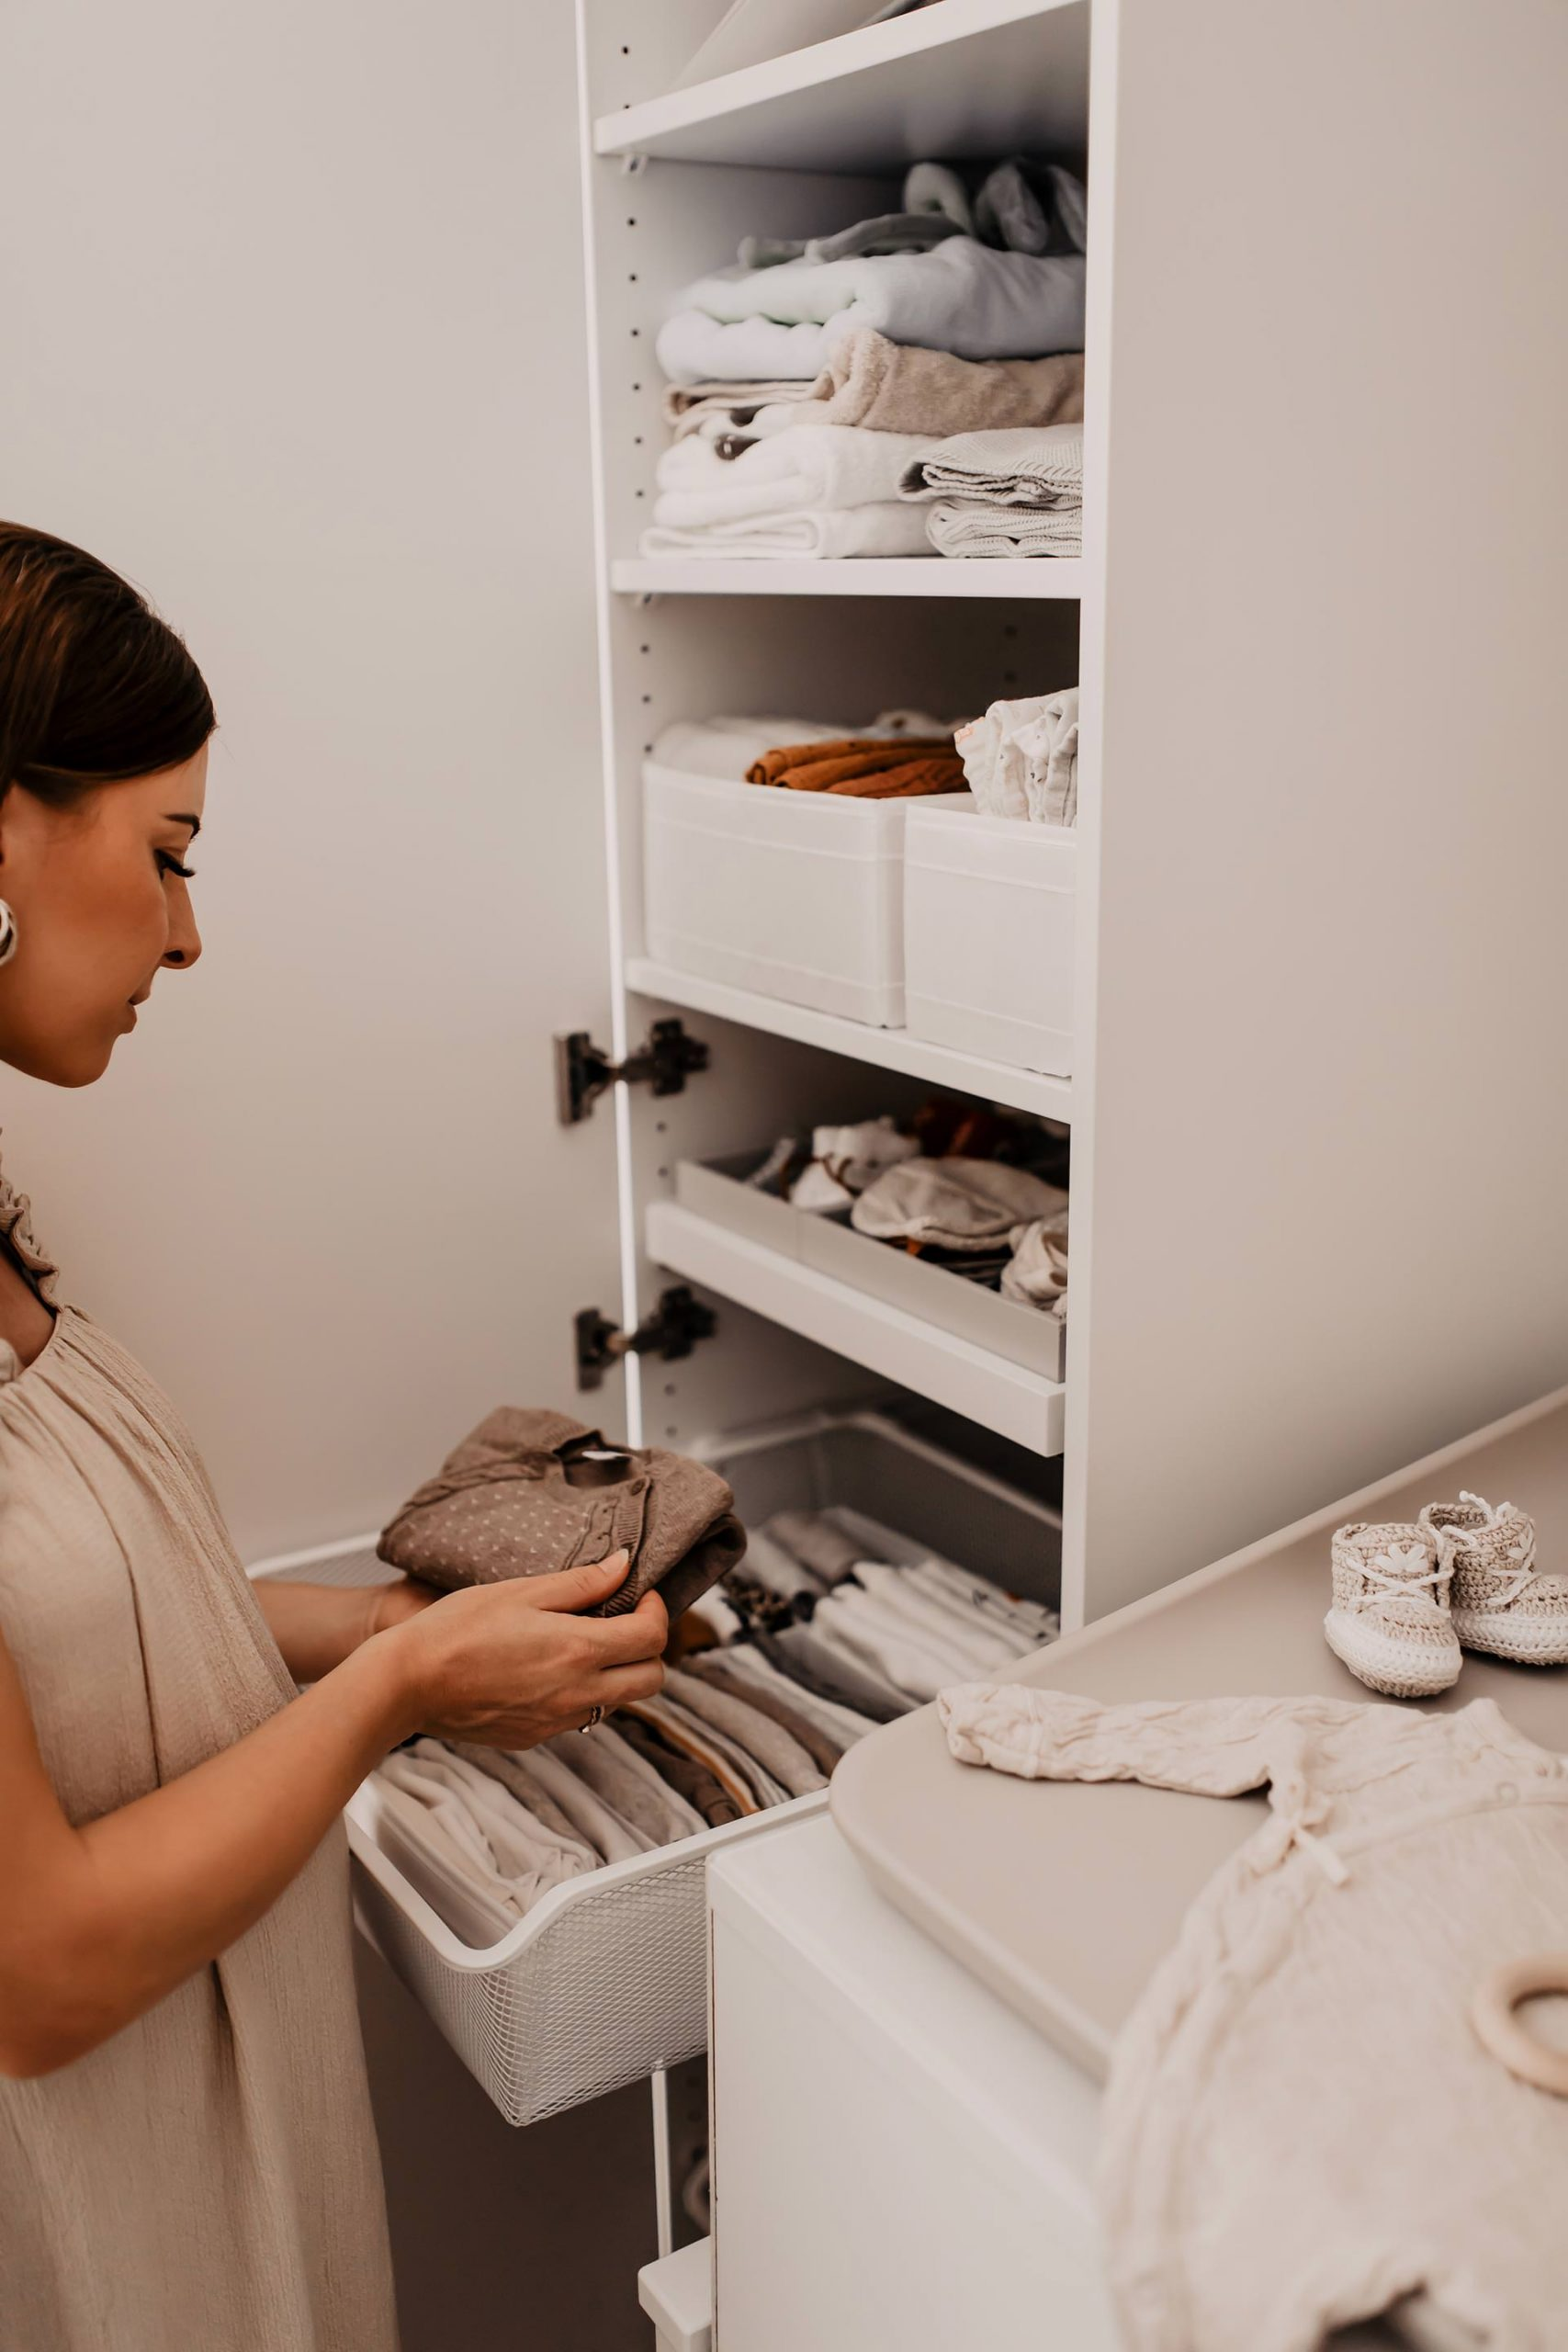 Am Mamablog zeige ich dir heute, wie wir unsere Wickelkommode praktisch eingerichtet und organisiert haben. So ist immer alles griffbereit! www.whoismocca.com